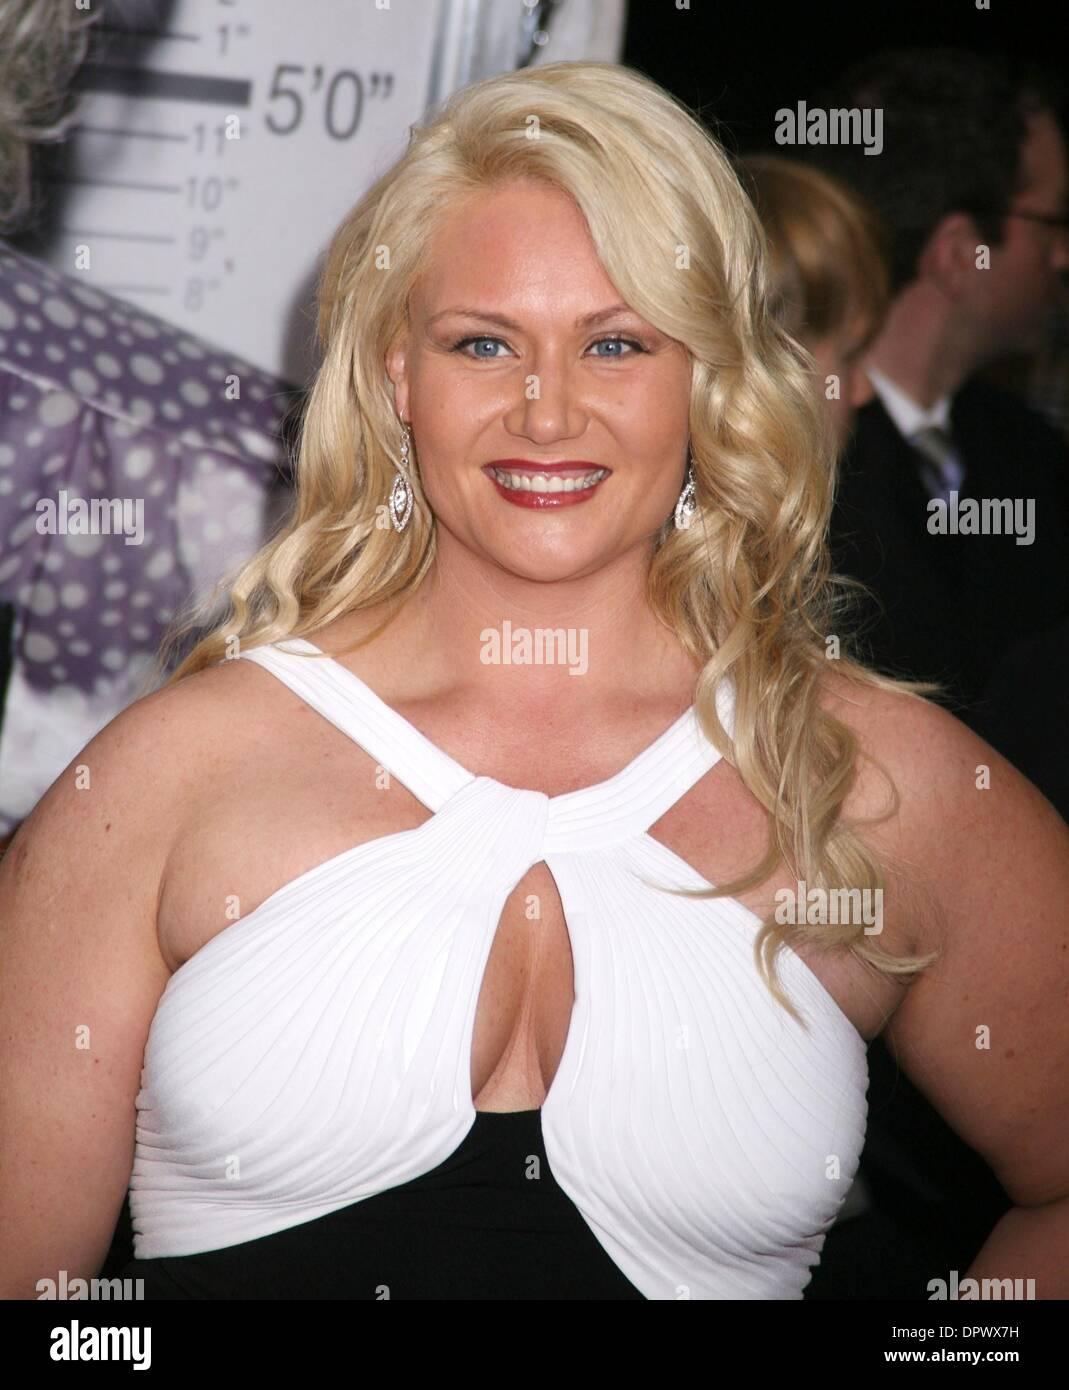 Marisa Vernati,Pitchanart Sakakorn XXX pictures Courtney Simpson,Elizabeth Hendrickson born July 3, 1979 (age 39)